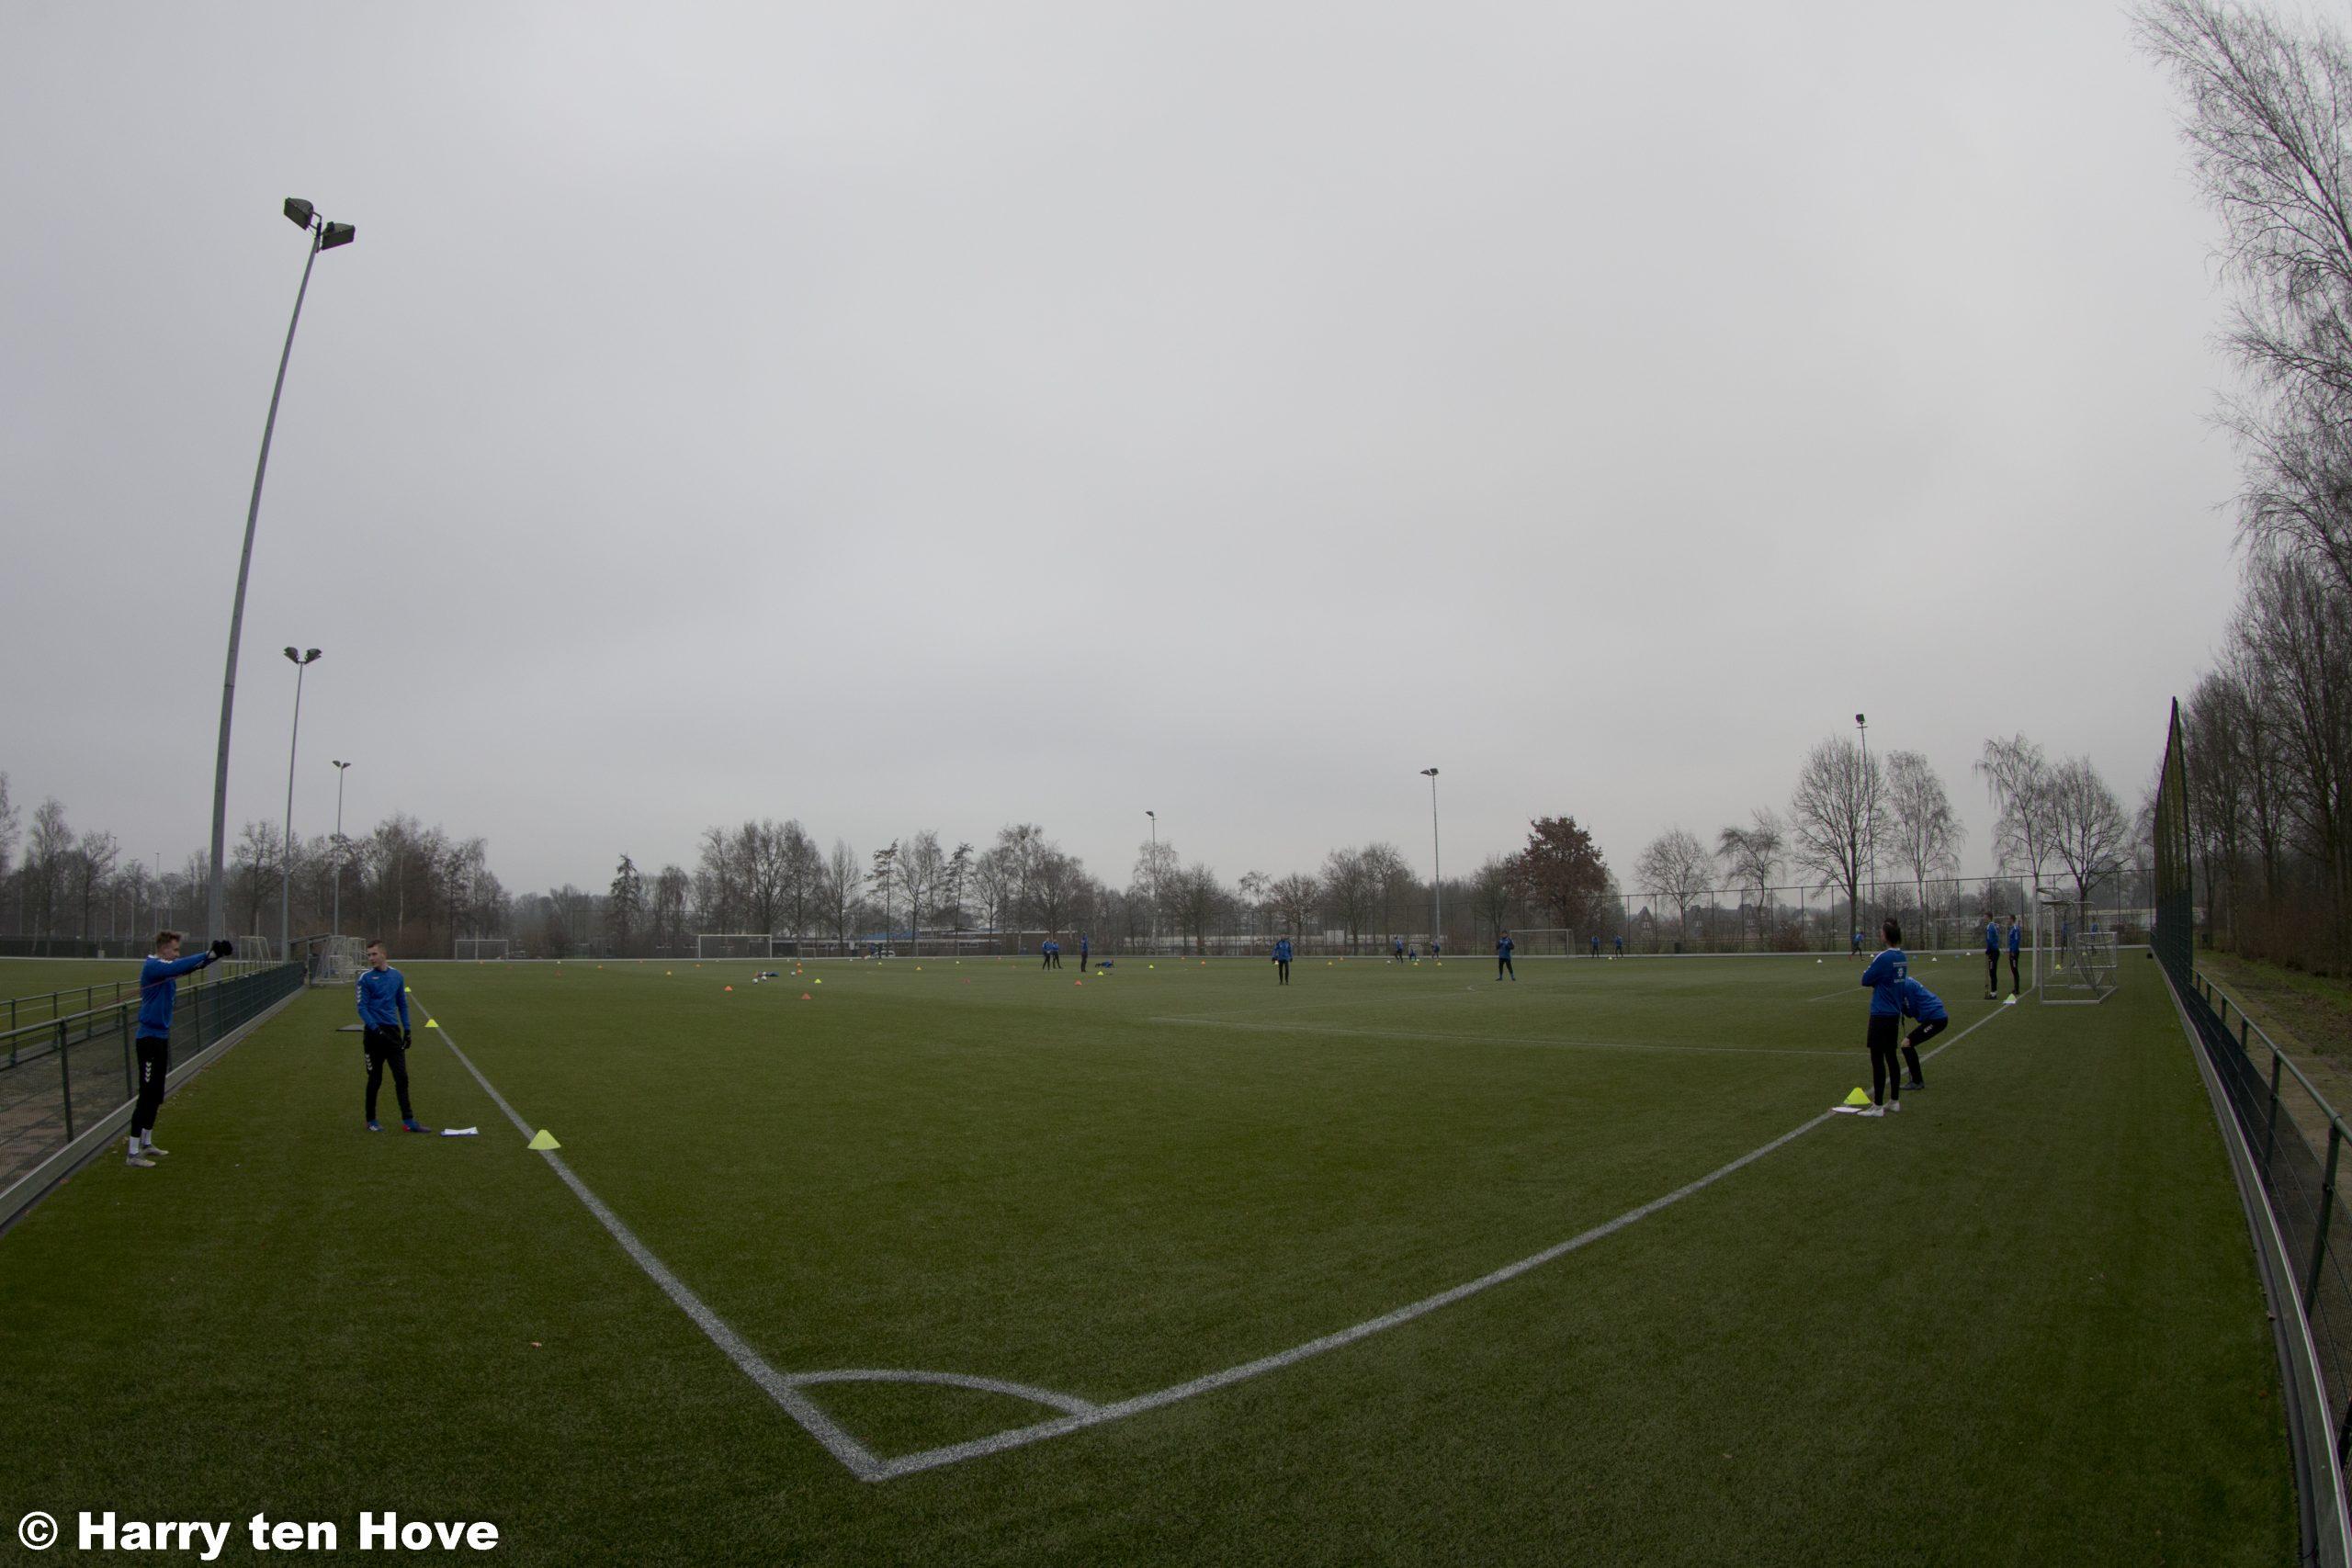 Eerste training ESC 1 in 2021 - Elburger SC